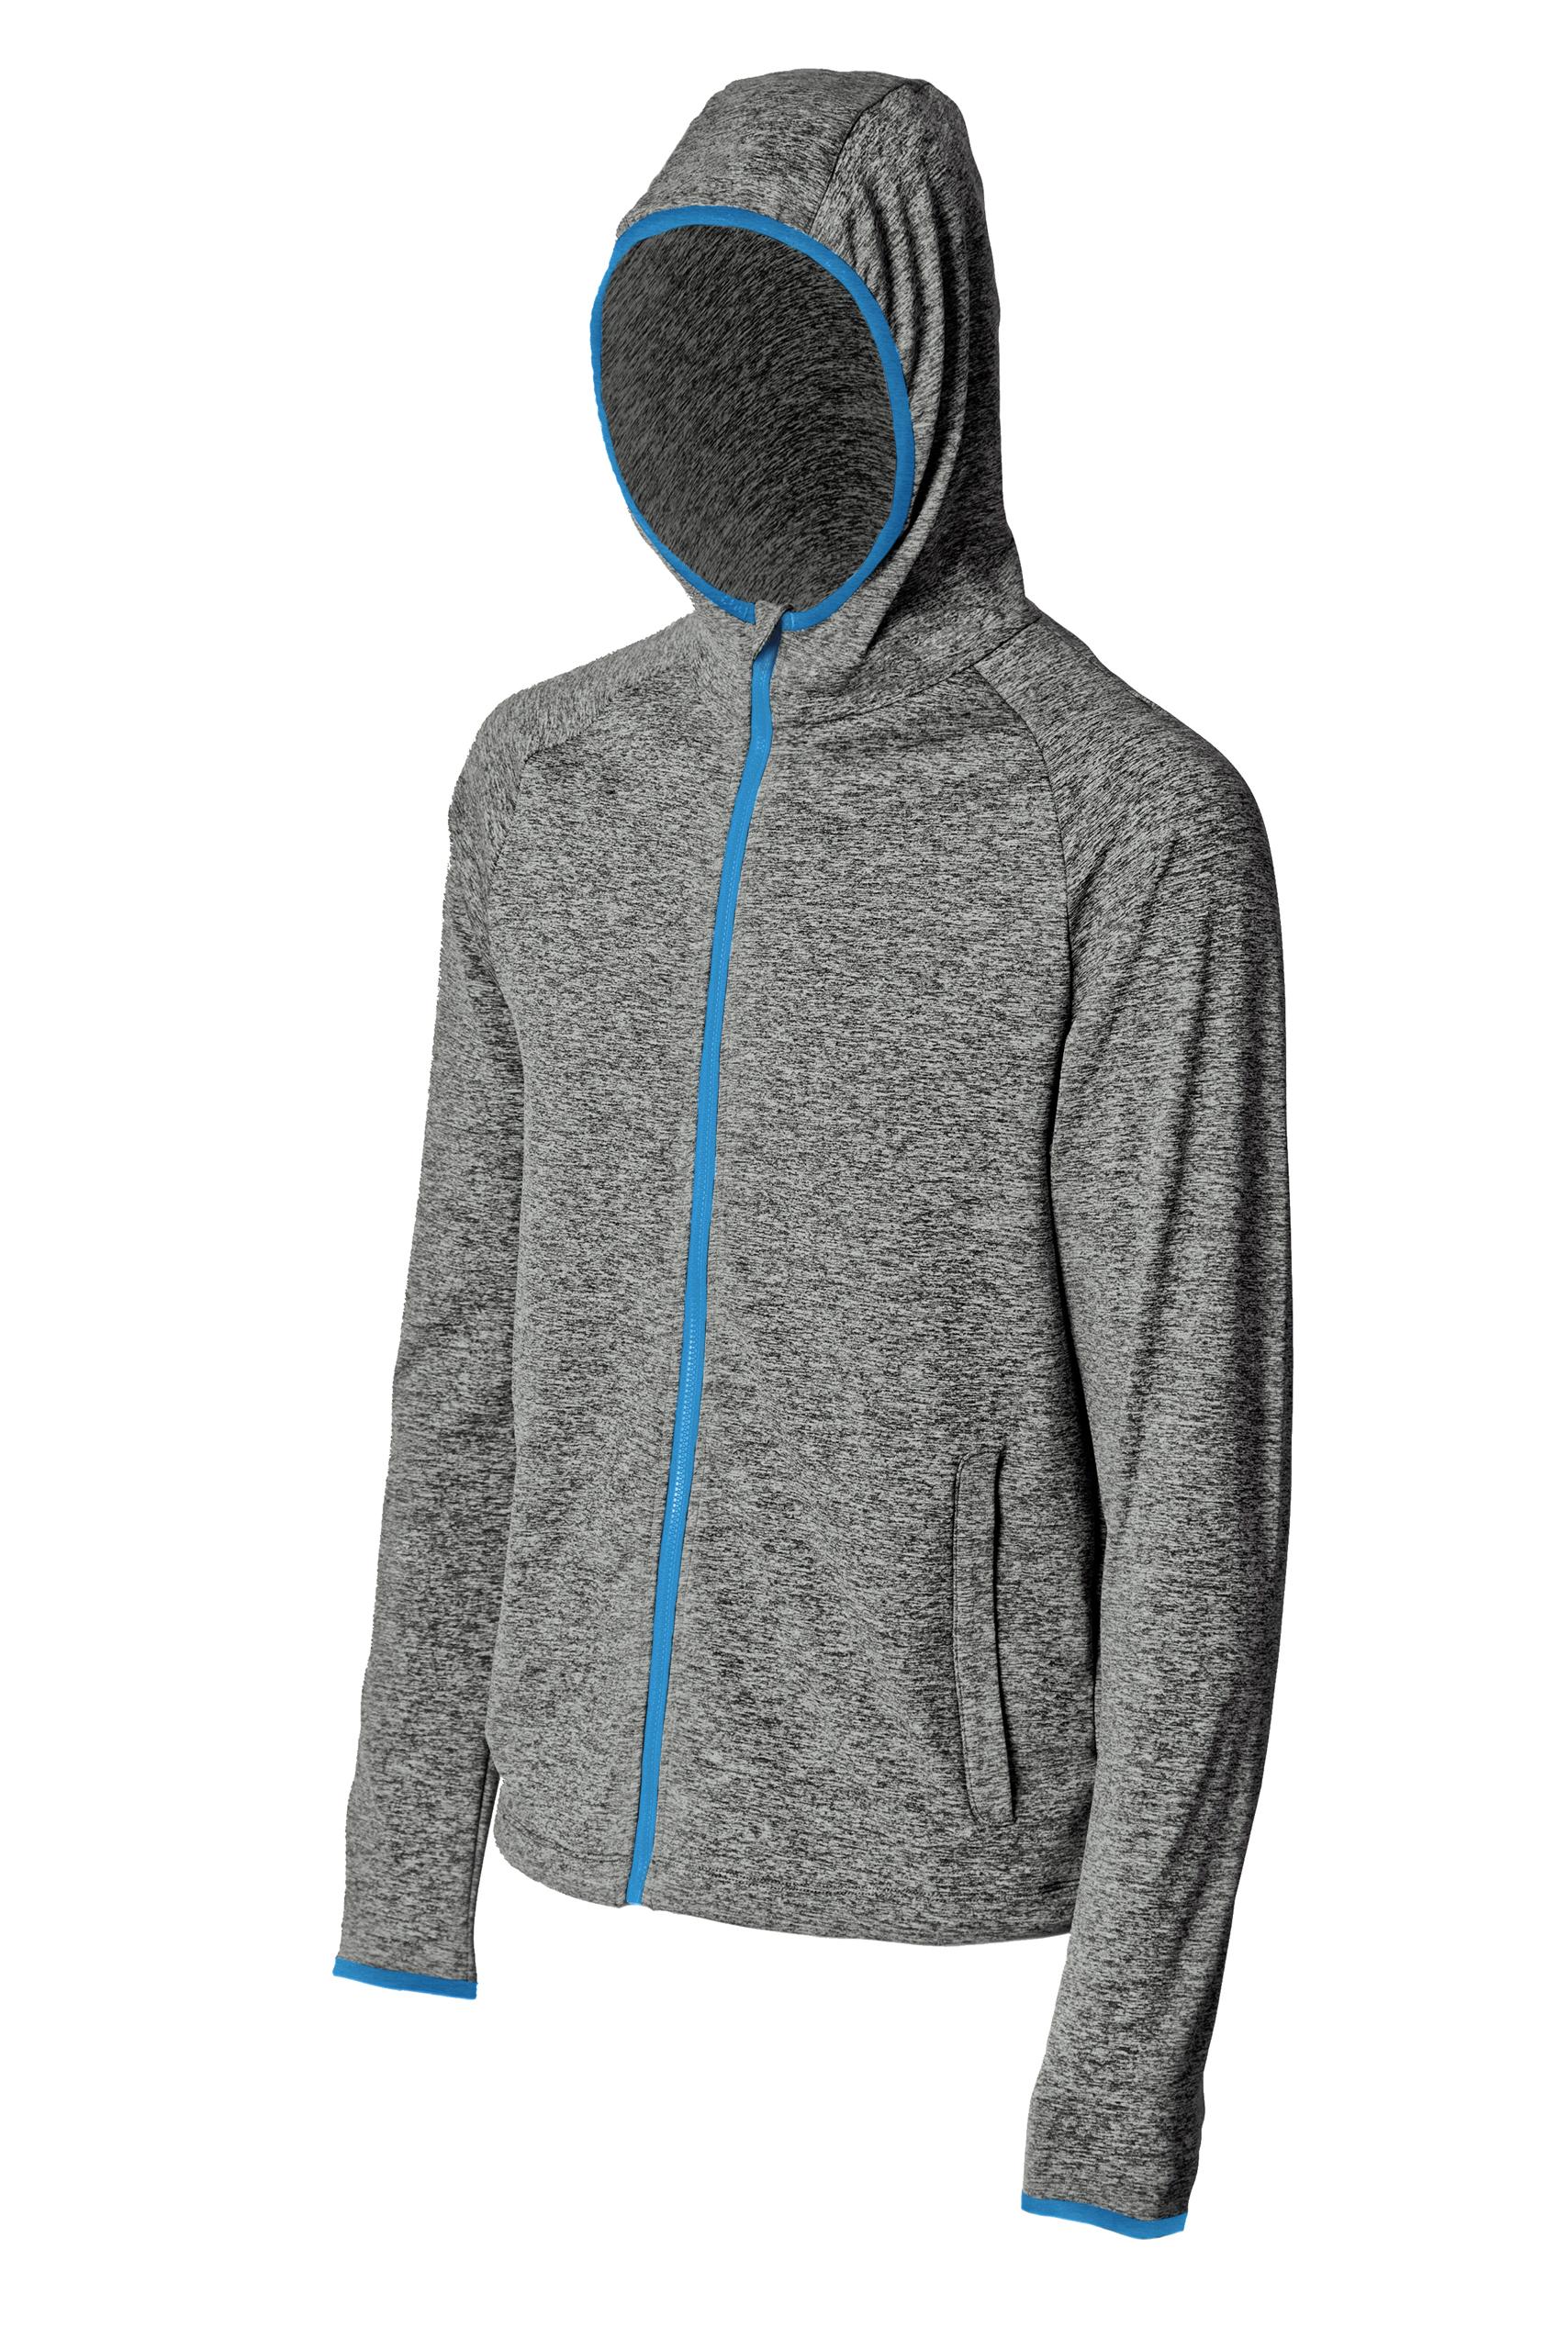 JERSEY FOCA man with hood (gray/blue)